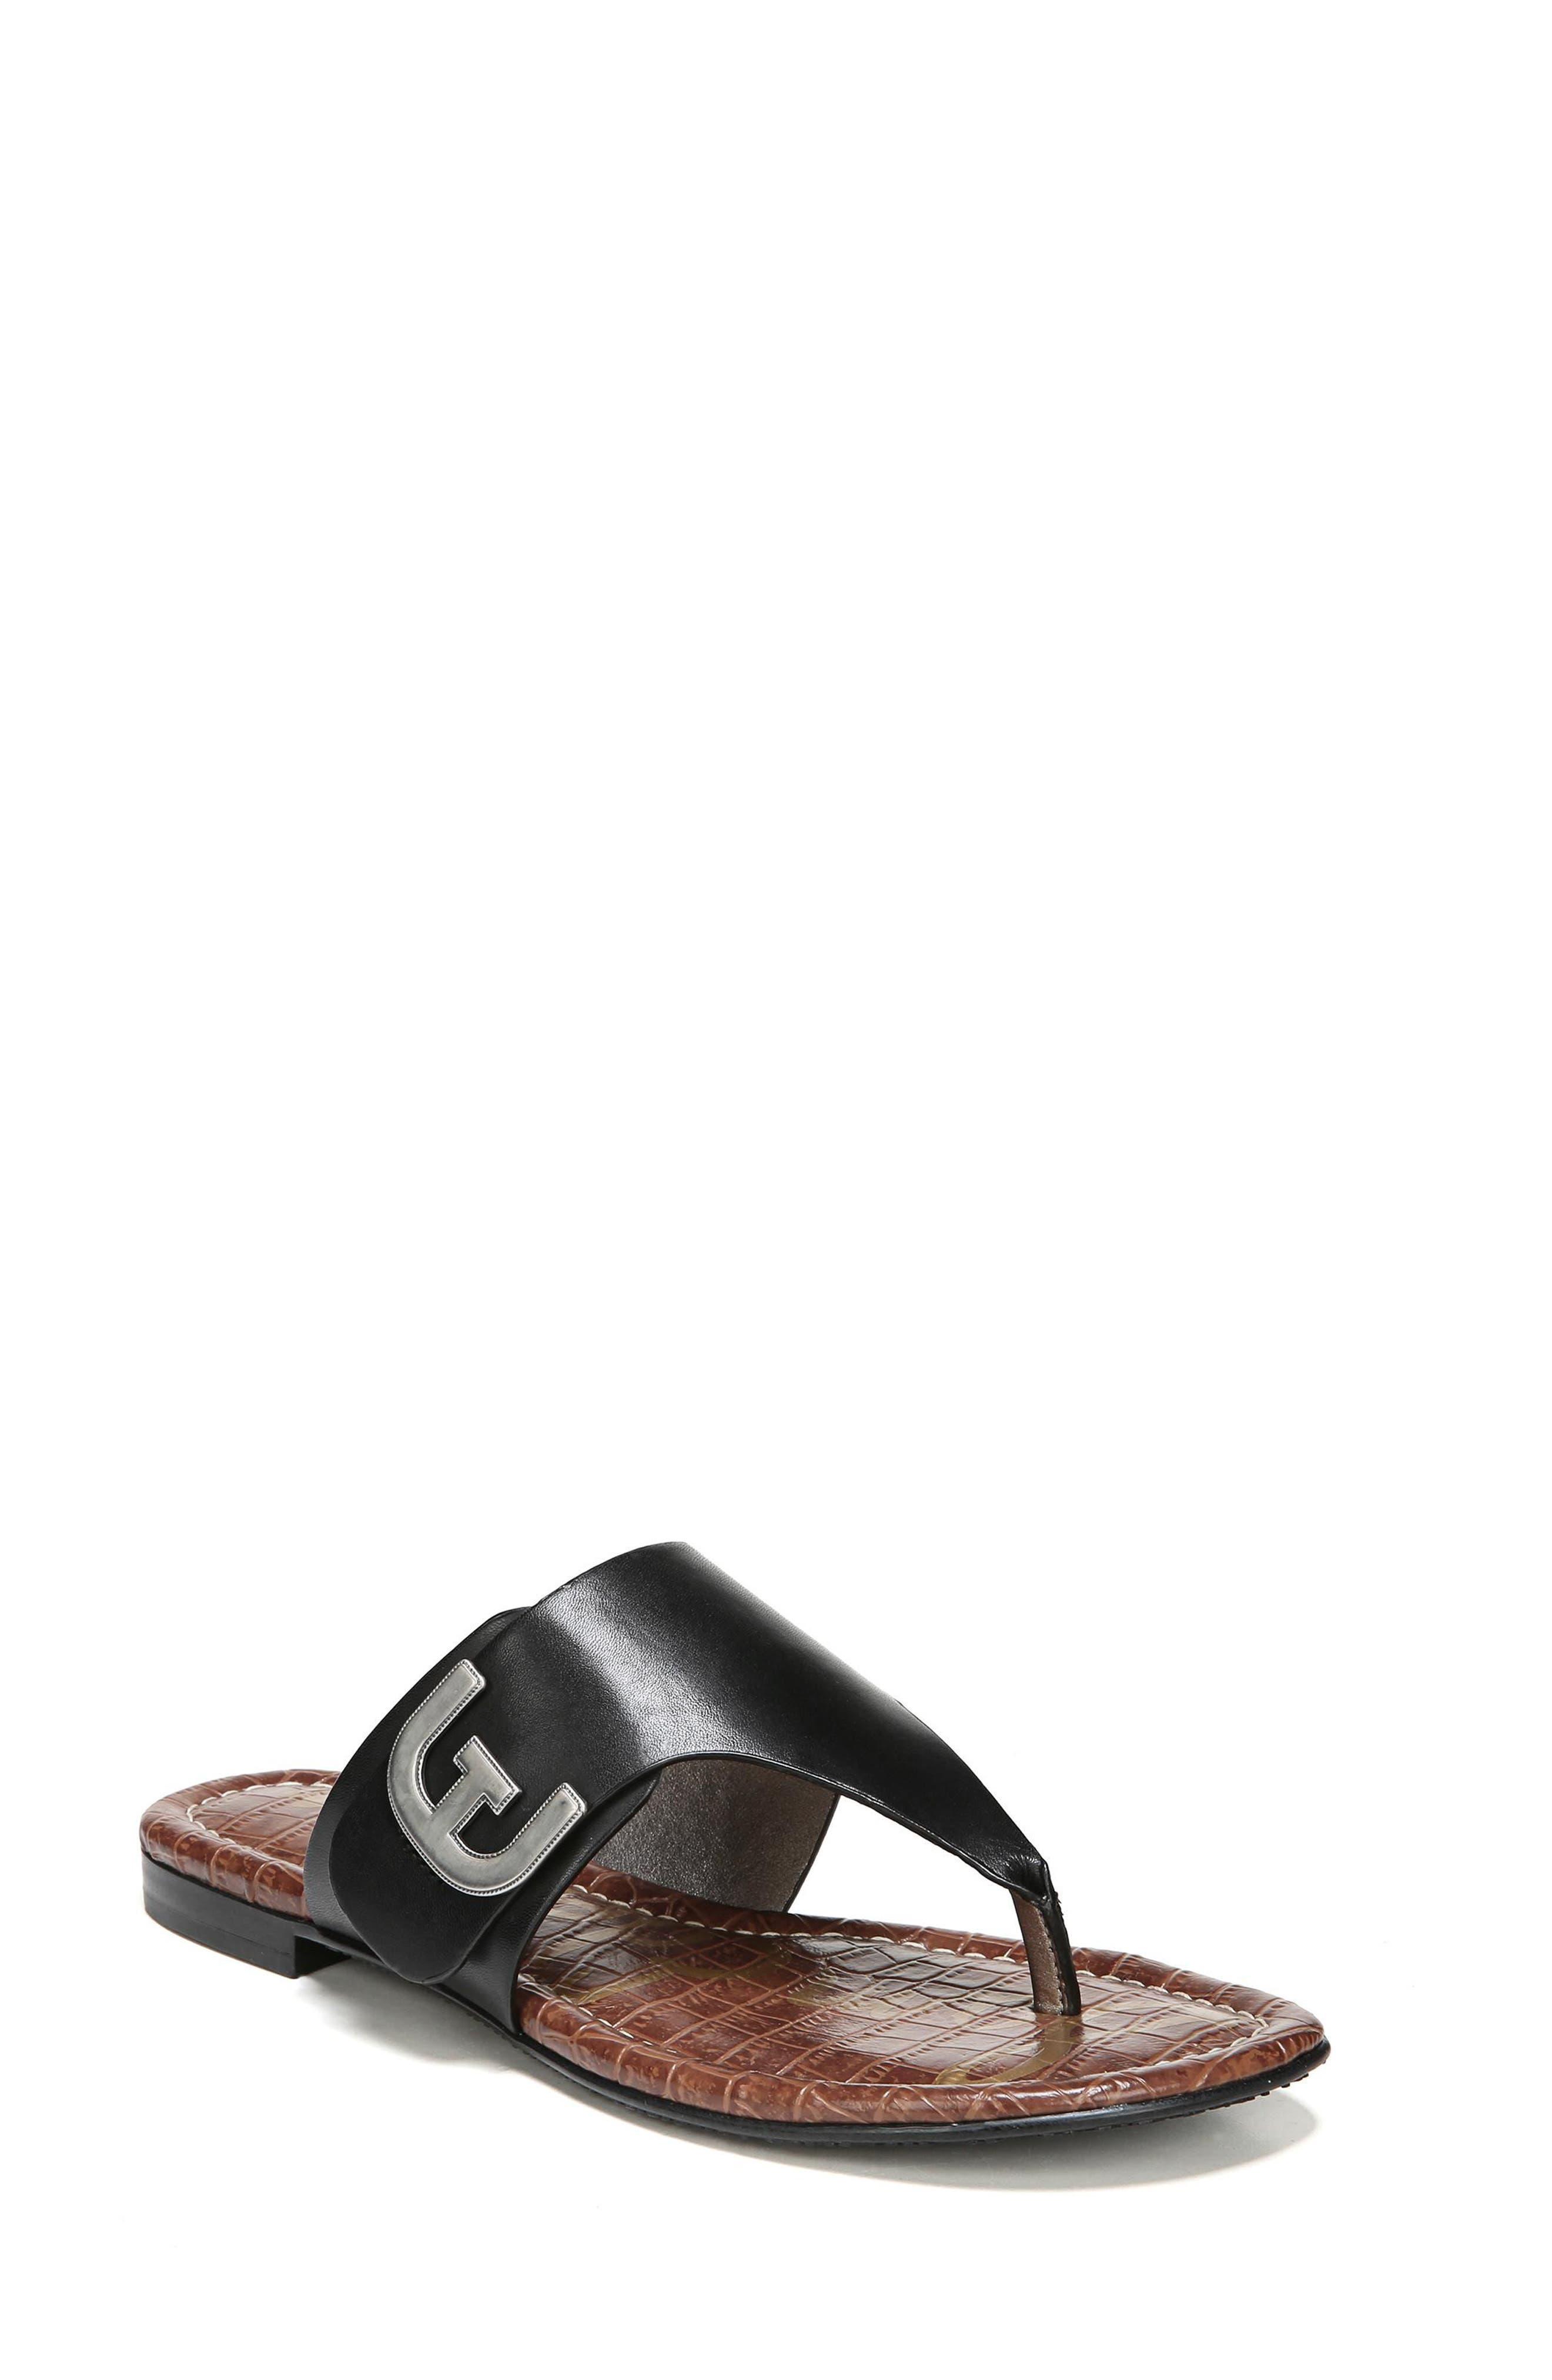 Barry V-Strap Thong Sandal,                         Main,                         color, Black Leather